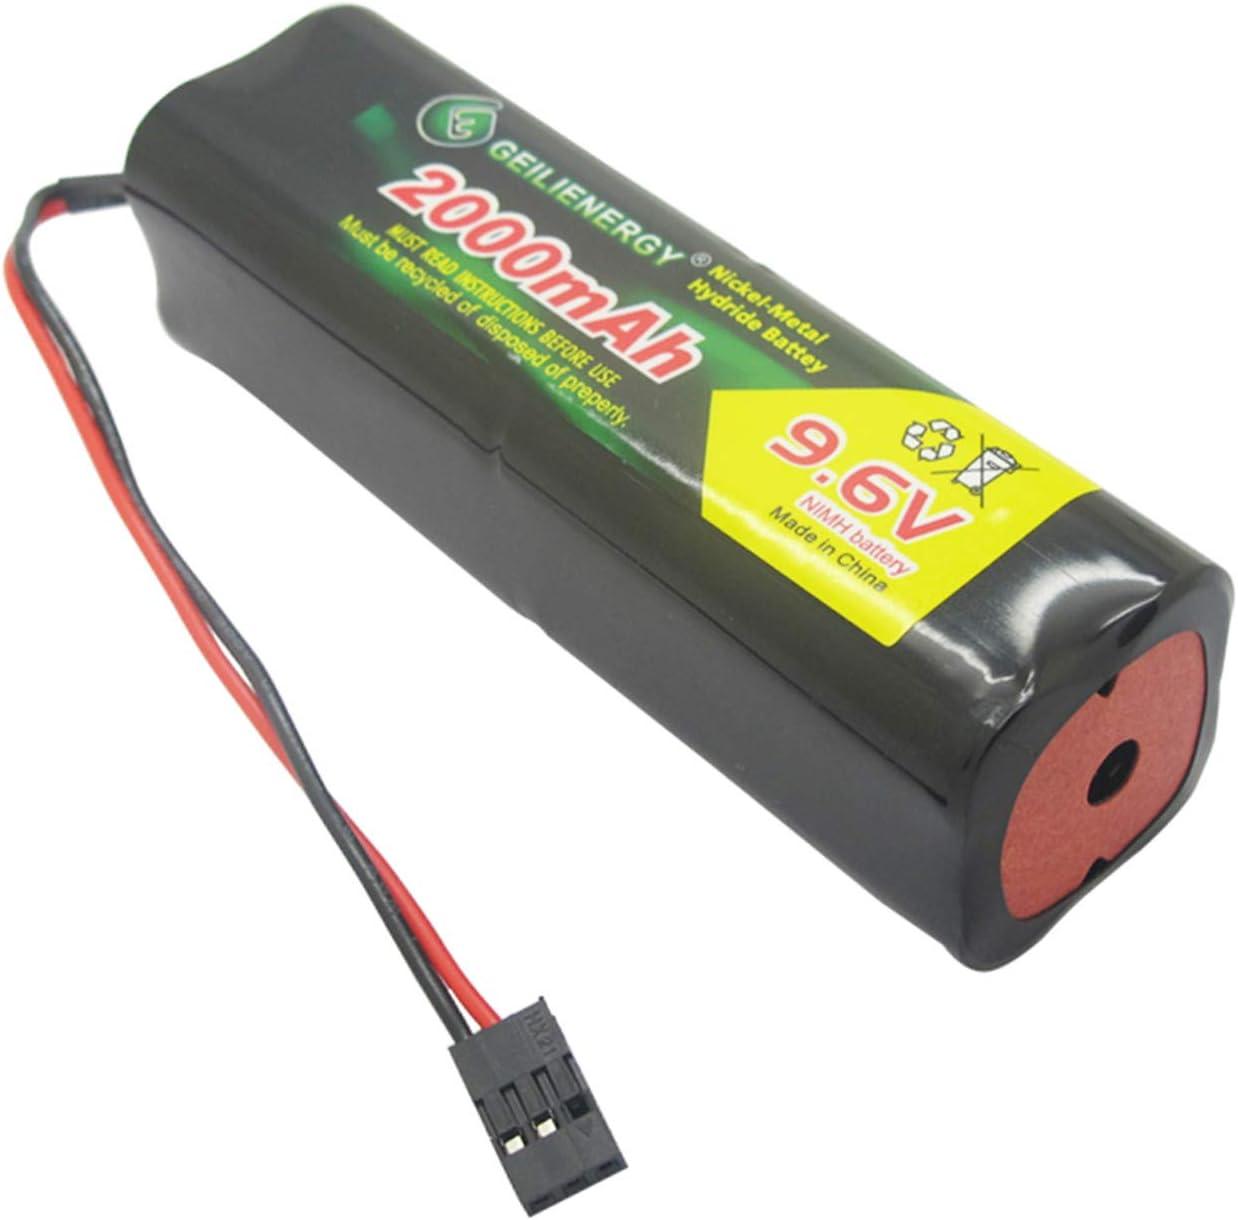 Baterías con conector Hitec 9.6v 2000mAh